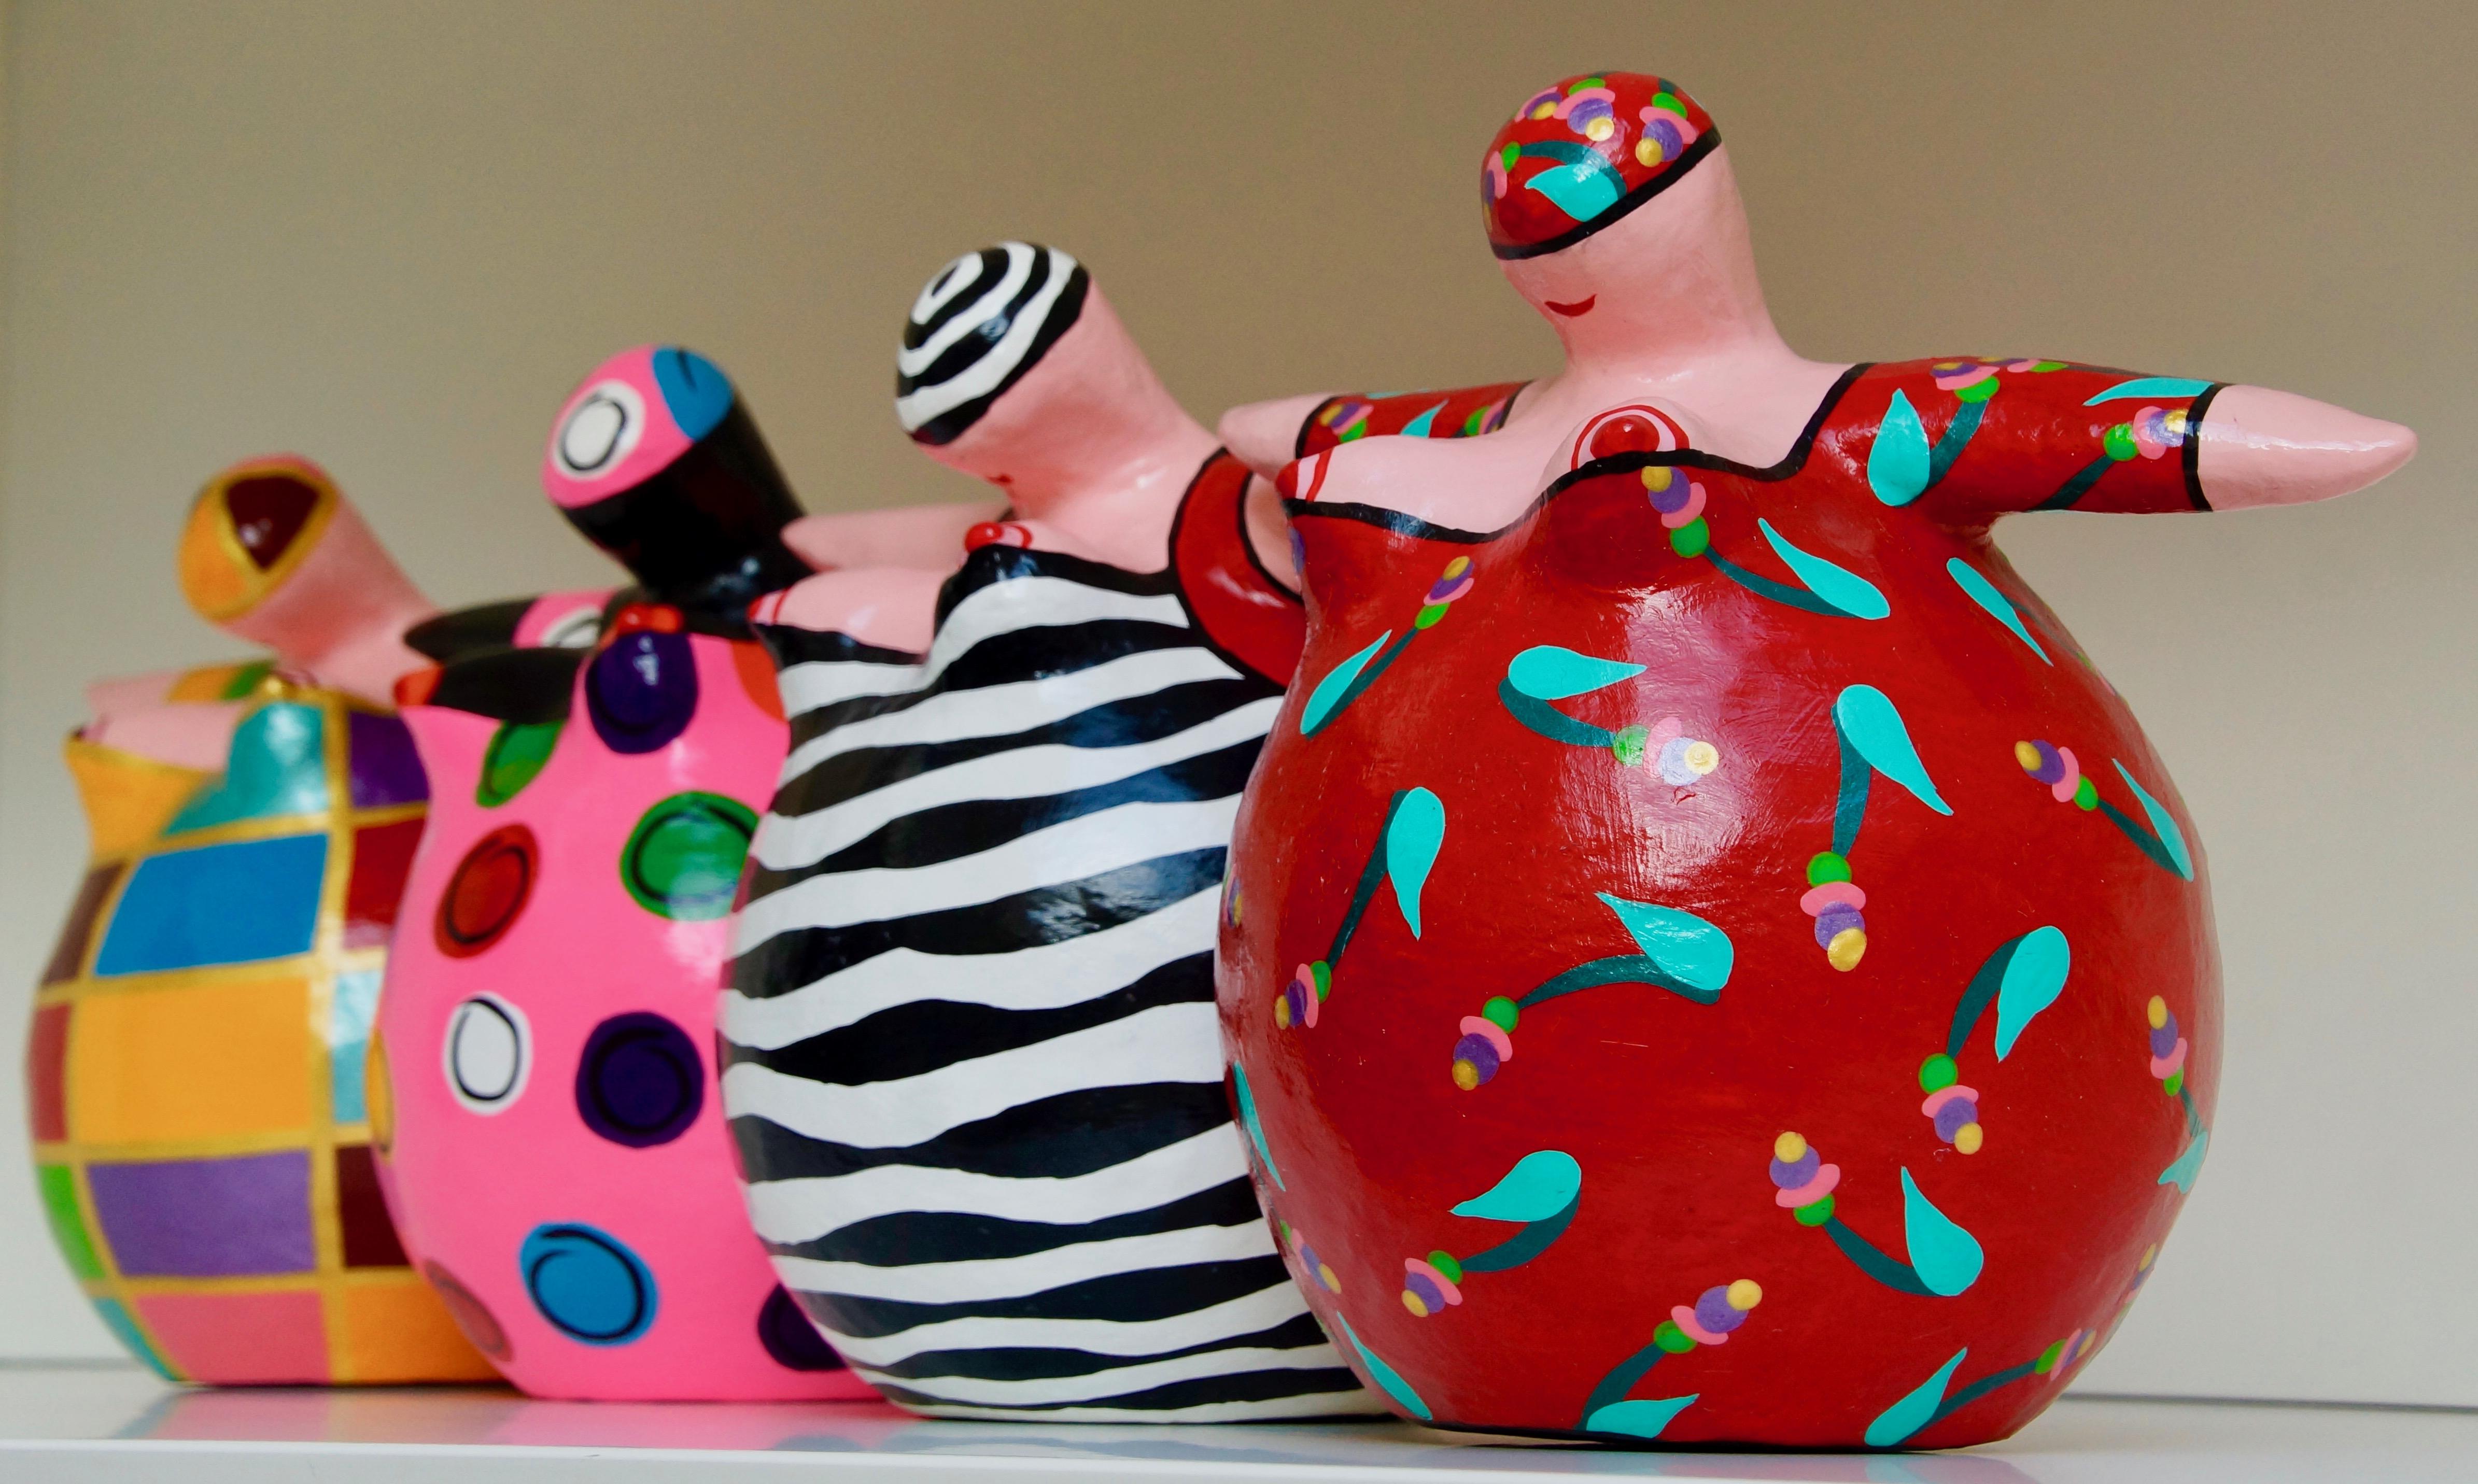 Vrouwen die plezier hebben in het leven door Trijnie Wubbolt, foto by Gwendolina Willems